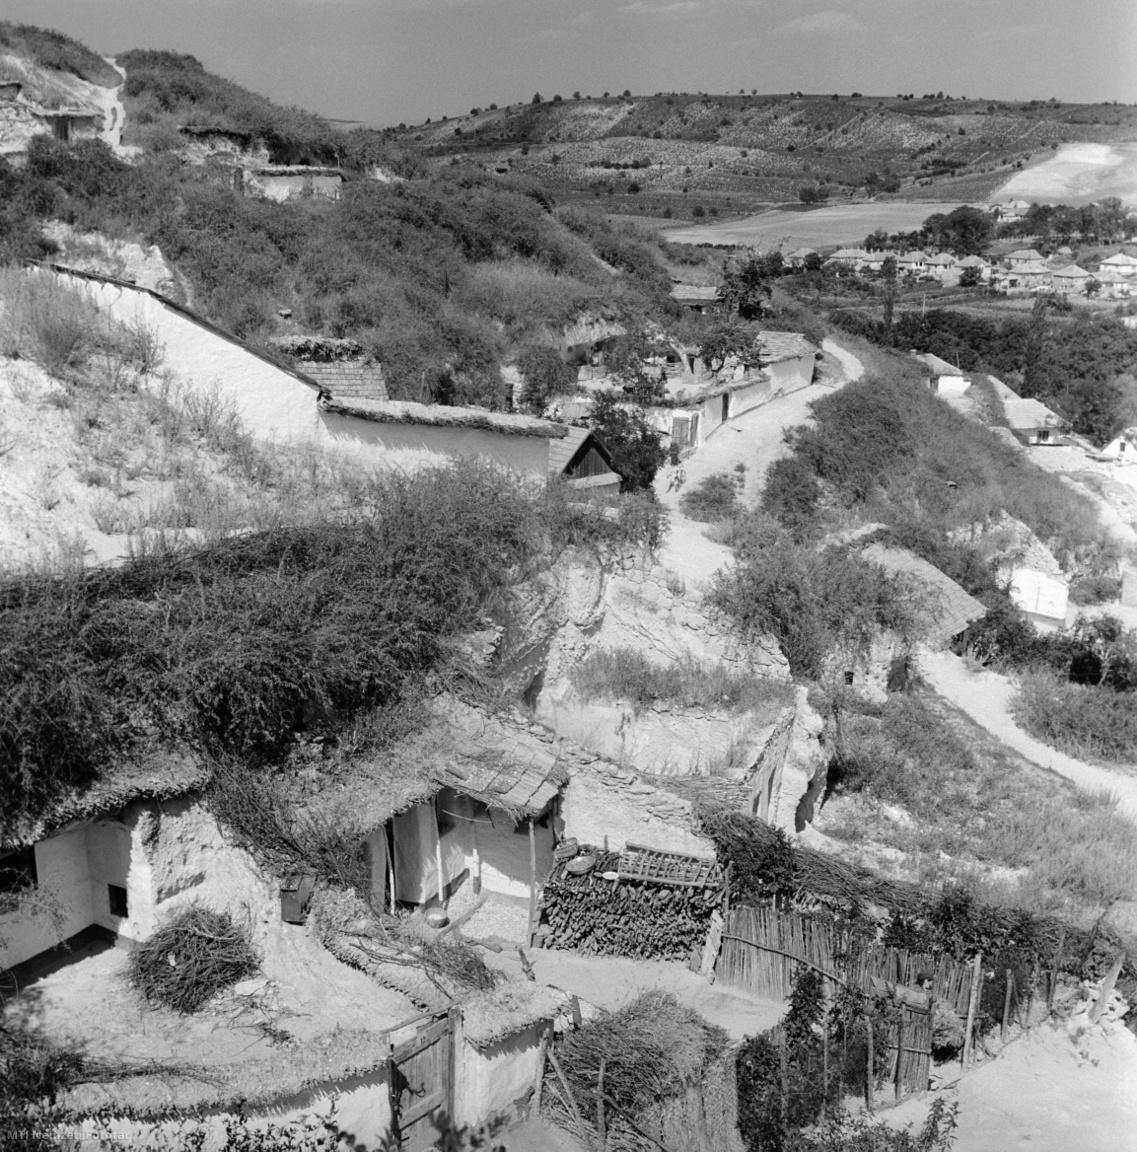 Noszvaj, 1964. augusztus 6. A település délkeleti részén, az egykori szegénysoron lévő barlanglakások. Az első lakások a XVII. század környékén jelenhettek meg, de tömegesen a XIX. század elején faragták ki, miután a kőkitermelés nyomán maradt vájatokat könnyen lehetett lakhellyé alakítani. 1930-ban hetven barlanglakásban 249 személy húzódott meg, és volt olyan időszak, hogy Noszvaj lakosságának harminc százaléka pincelakásban élt. A házak olyanok, mint egy klasszikus parasztház szobákkal, meszelt homlokzattal. Az udvaron lévő ólakat szintén puha riolittufából vájták ki